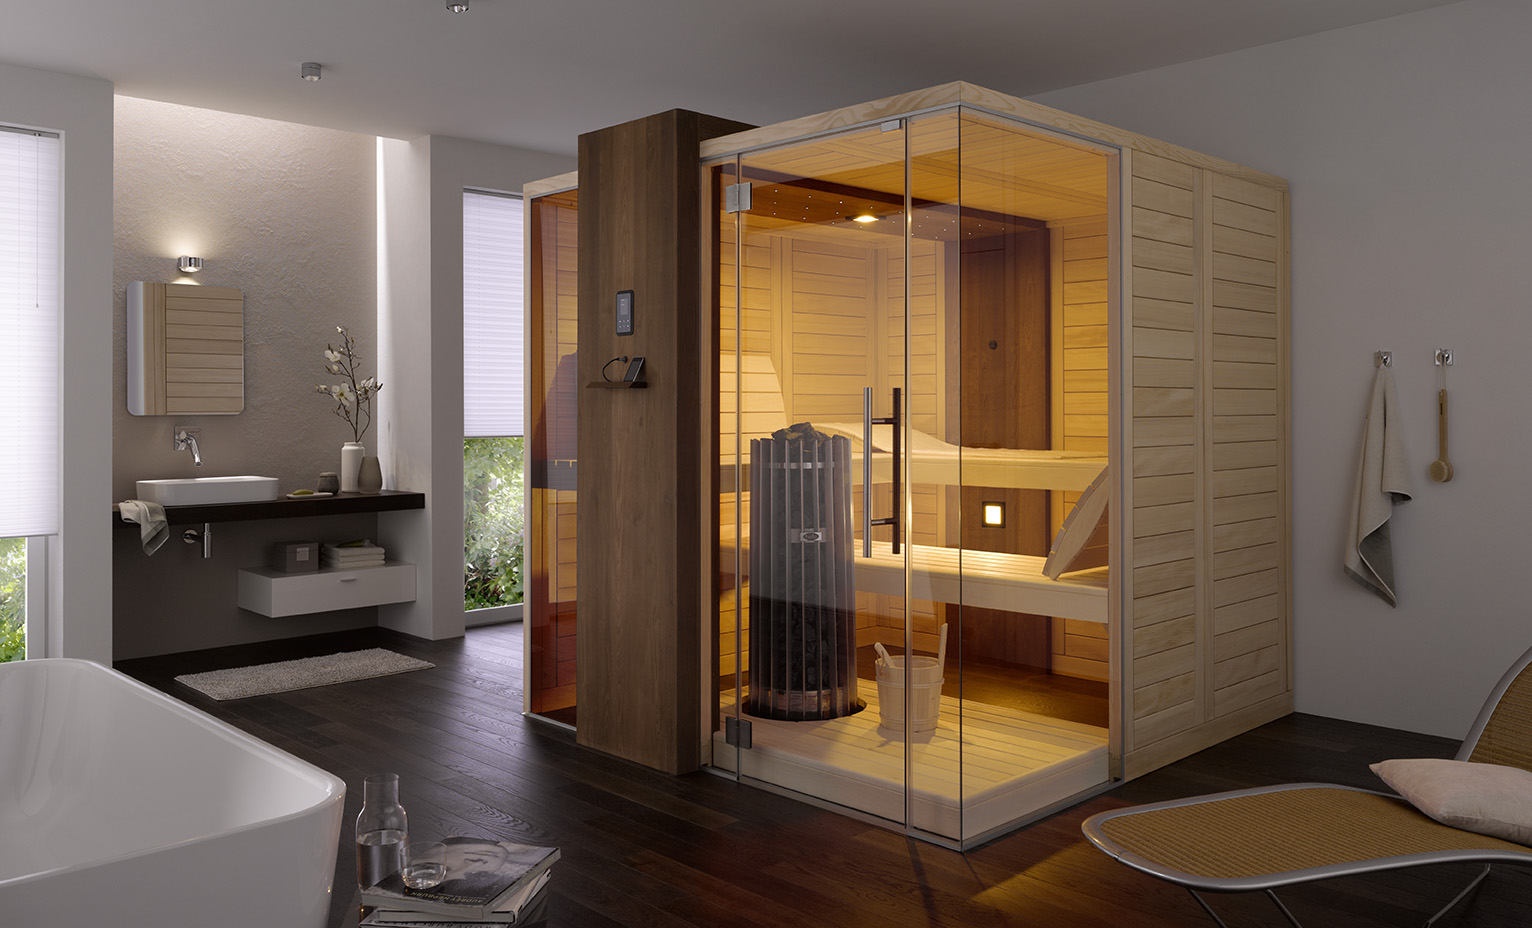 online heimsauna g nstig kaufen und selbst aufbauen heimsauna bauen. Black Bedroom Furniture Sets. Home Design Ideas